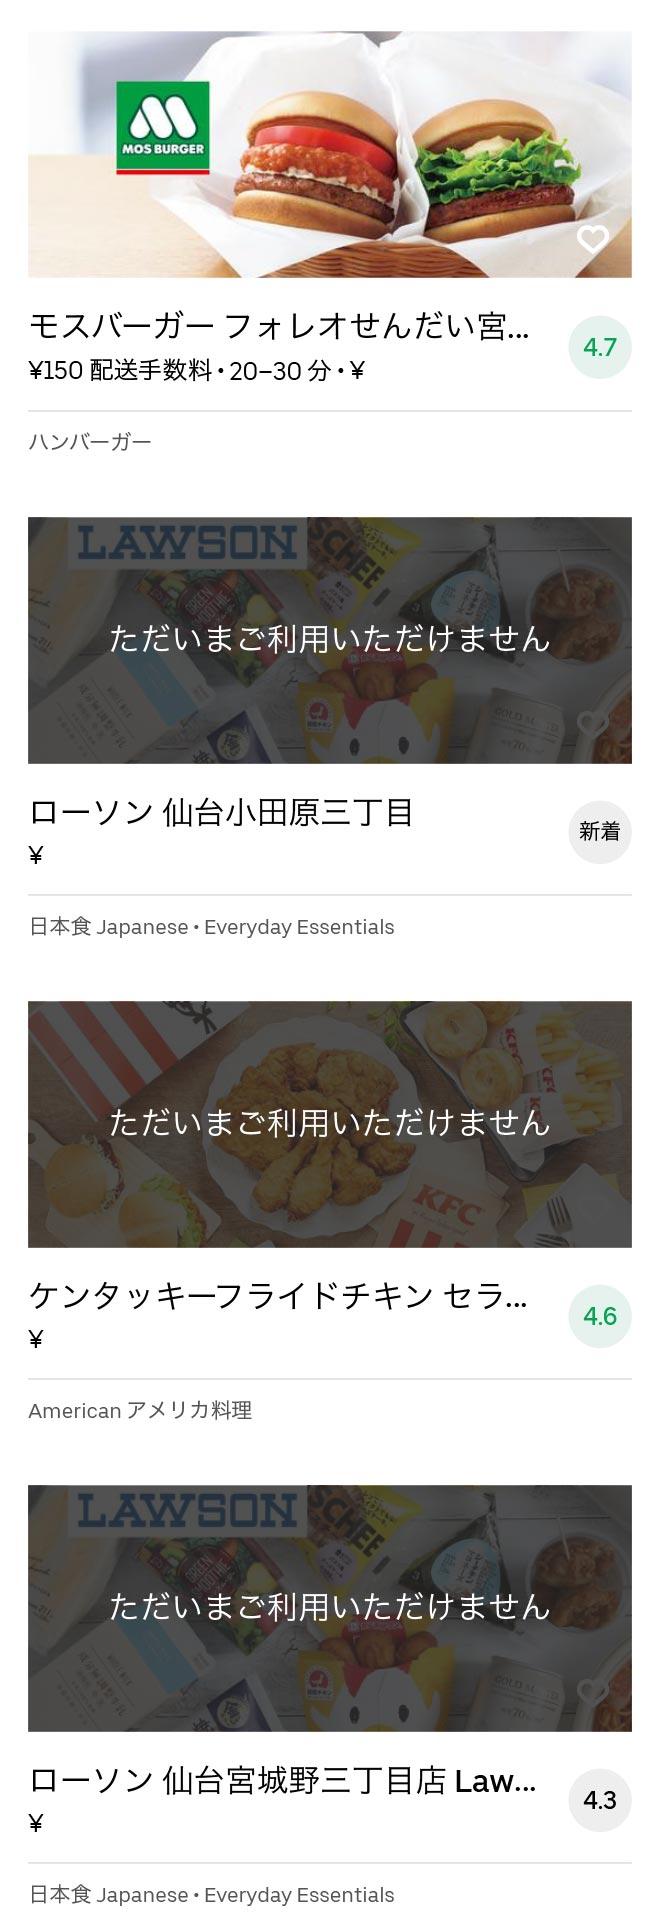 Higashi sendai menu 2008 11